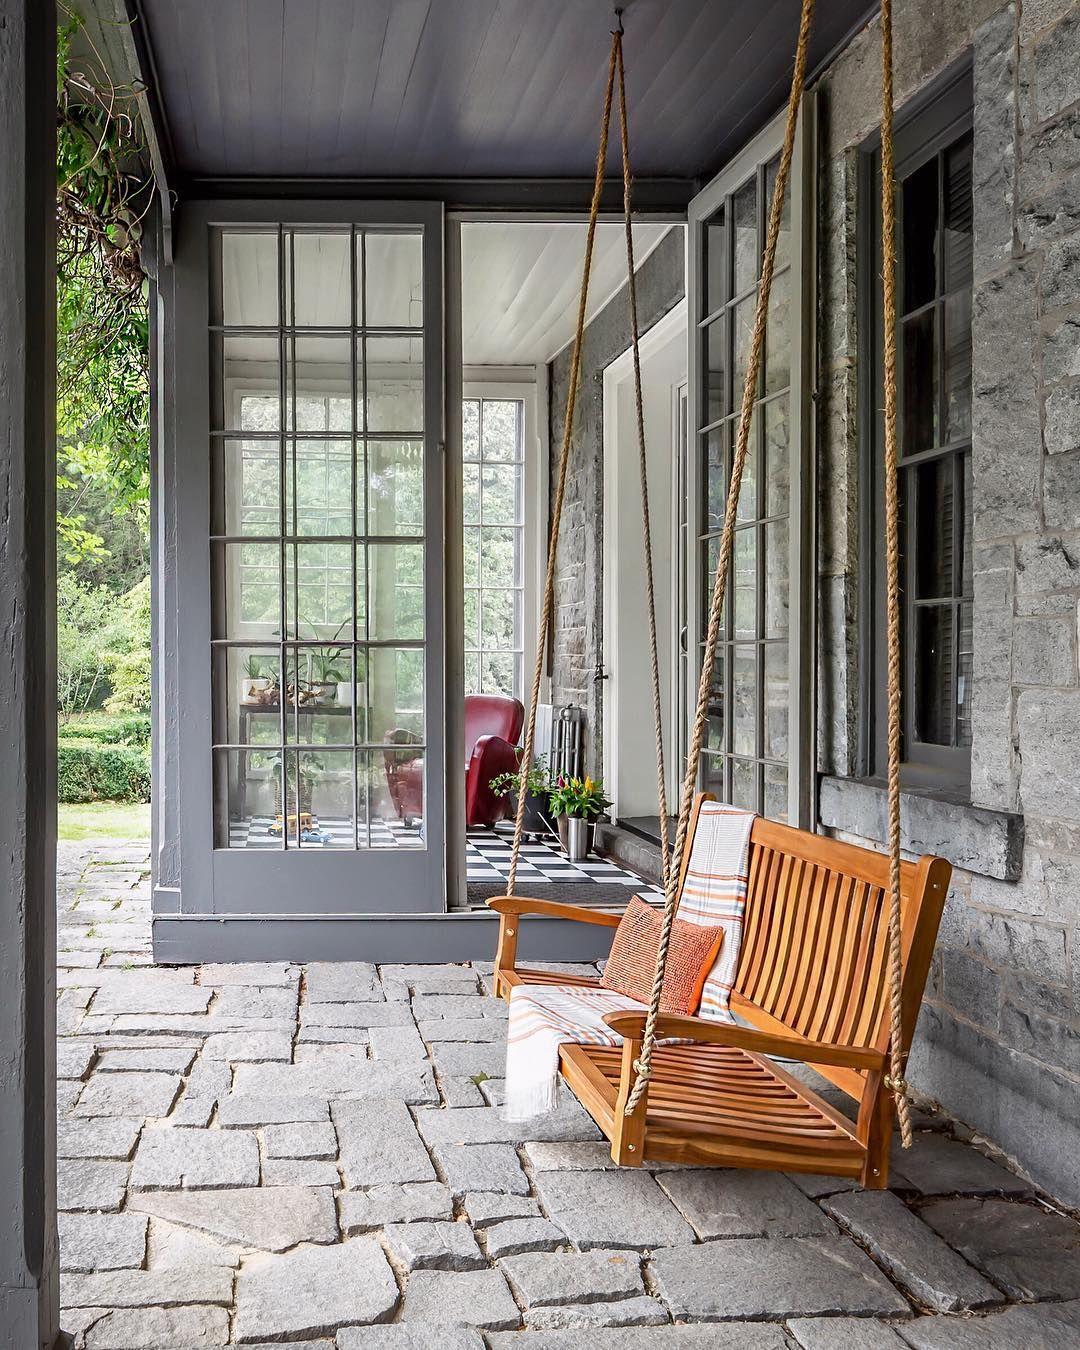 Pergola Edge Designs: Pin On Porches